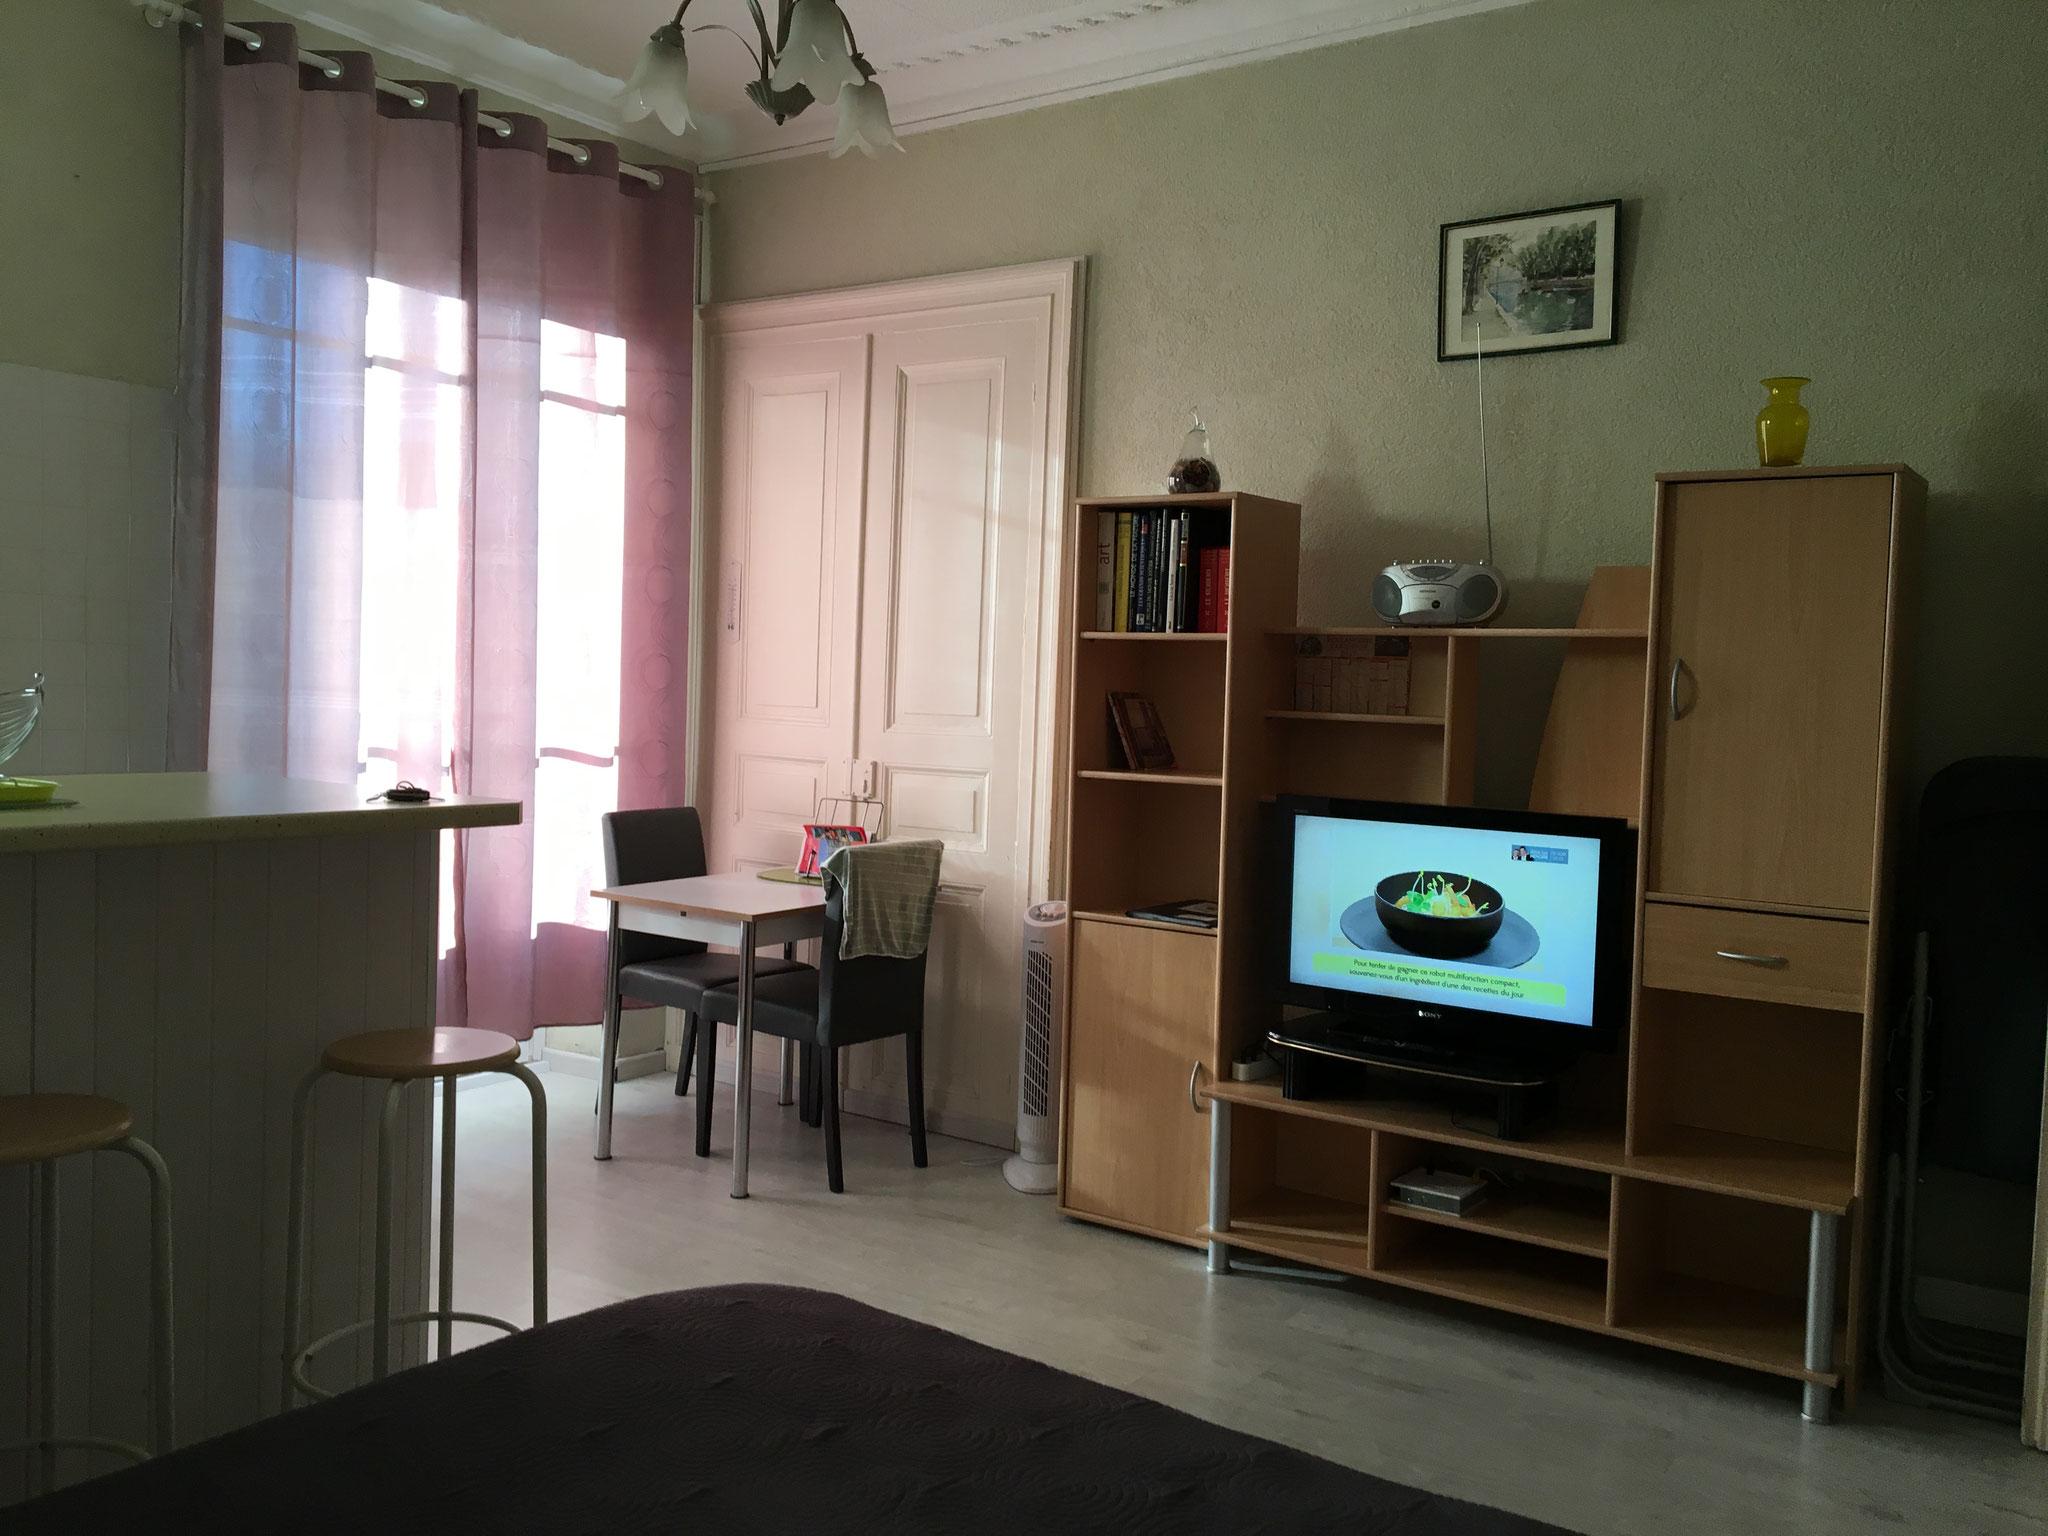 Location studio meubl aix les bains for Location studio meuble yverdon les bains